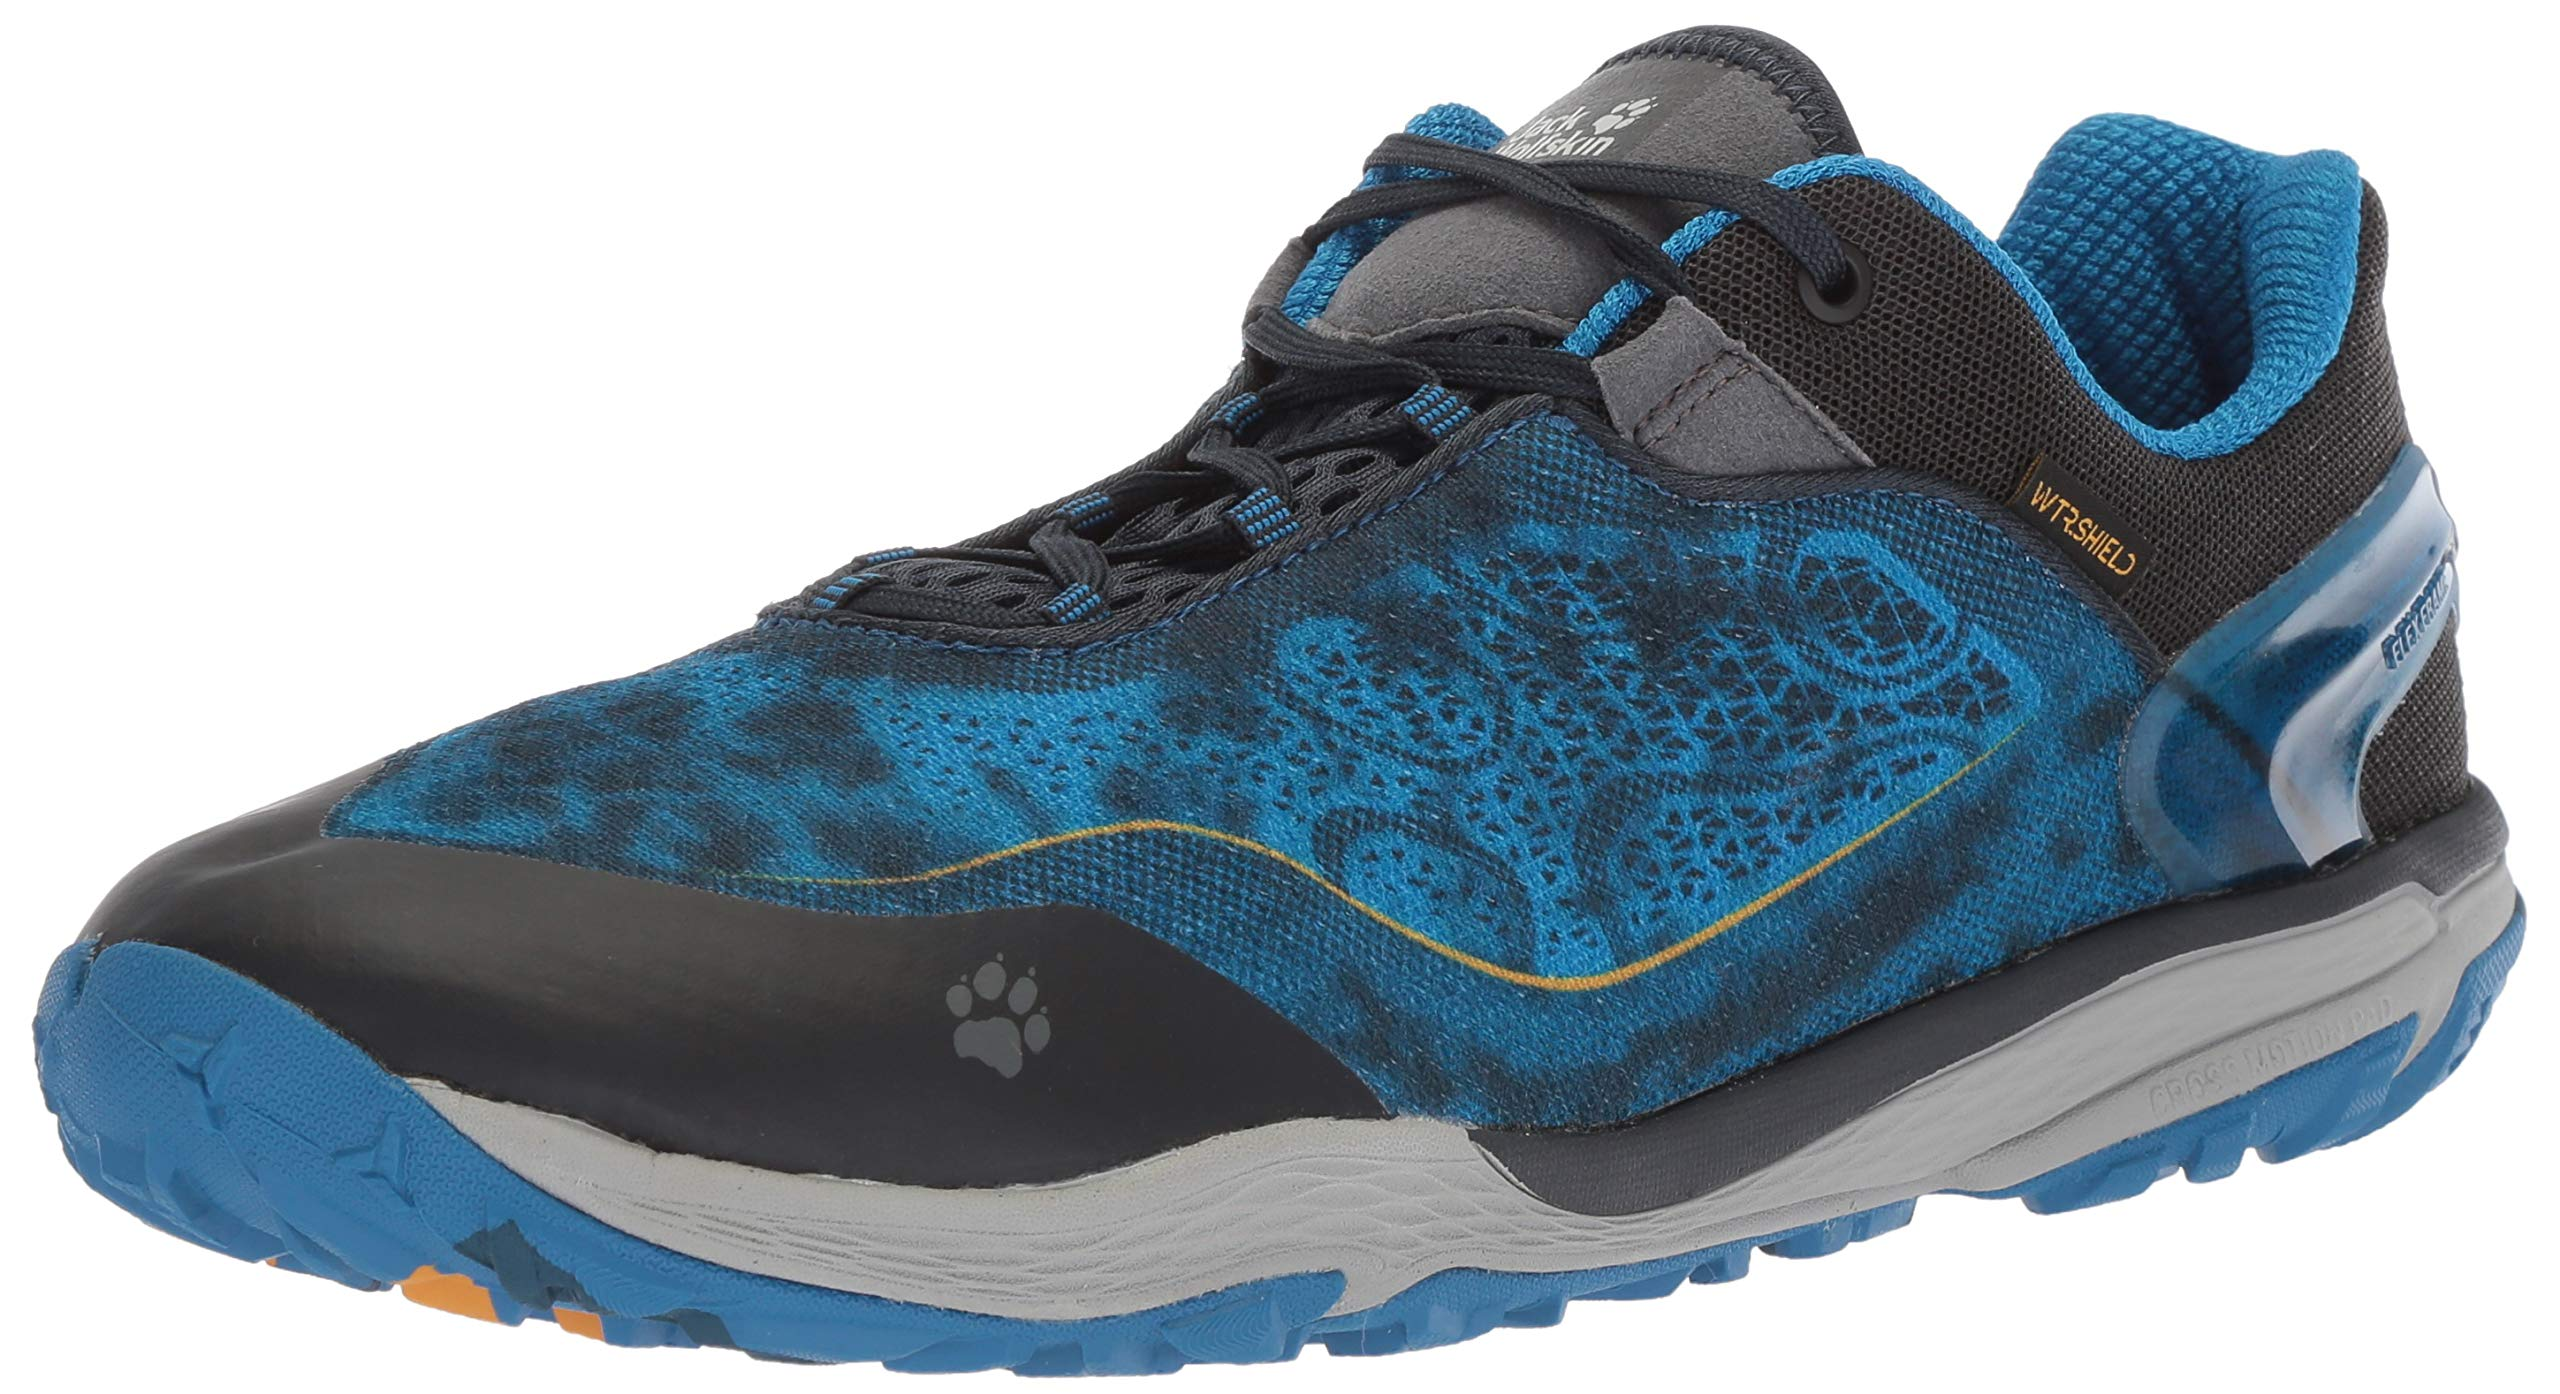 Jack Wolfskin CROSSTRAIL Shield 2 Low M Zapatillas de trail running resistentes al agua para hombre, azul eléctrico, EE. UU. Para hombre 11 D EE. UU.